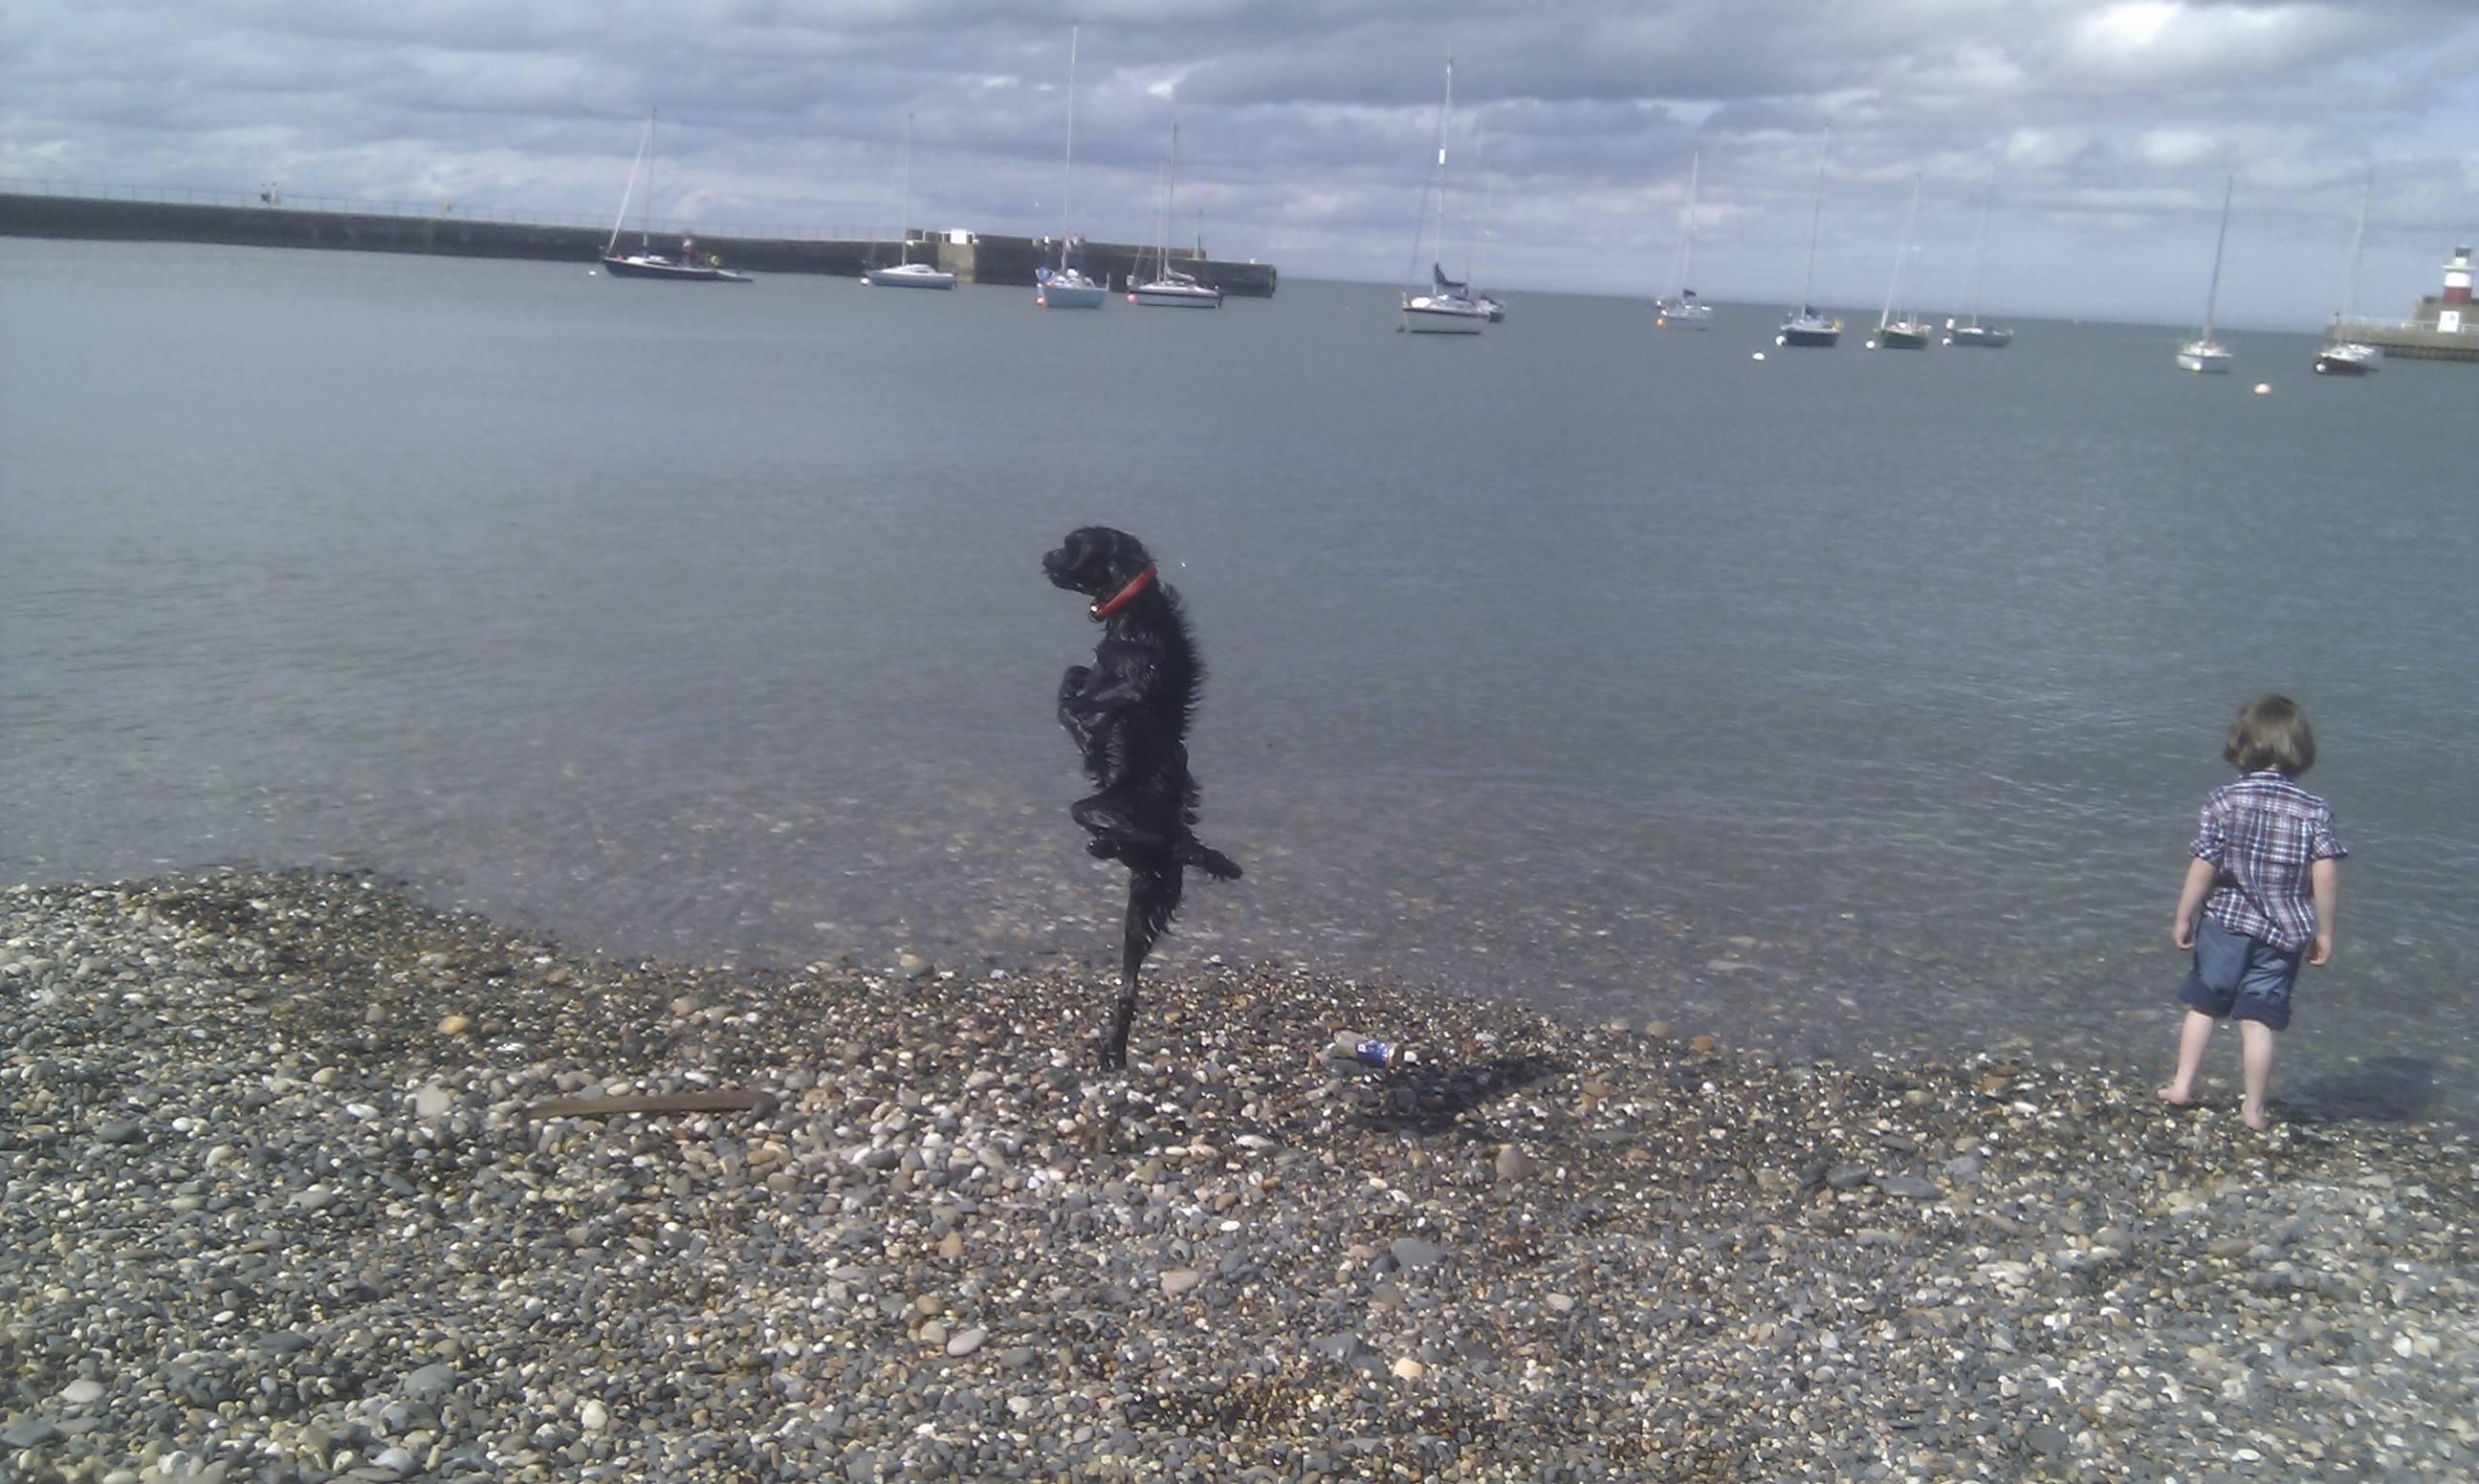 海が嬉しくて一本足で飛び跳ねる犬